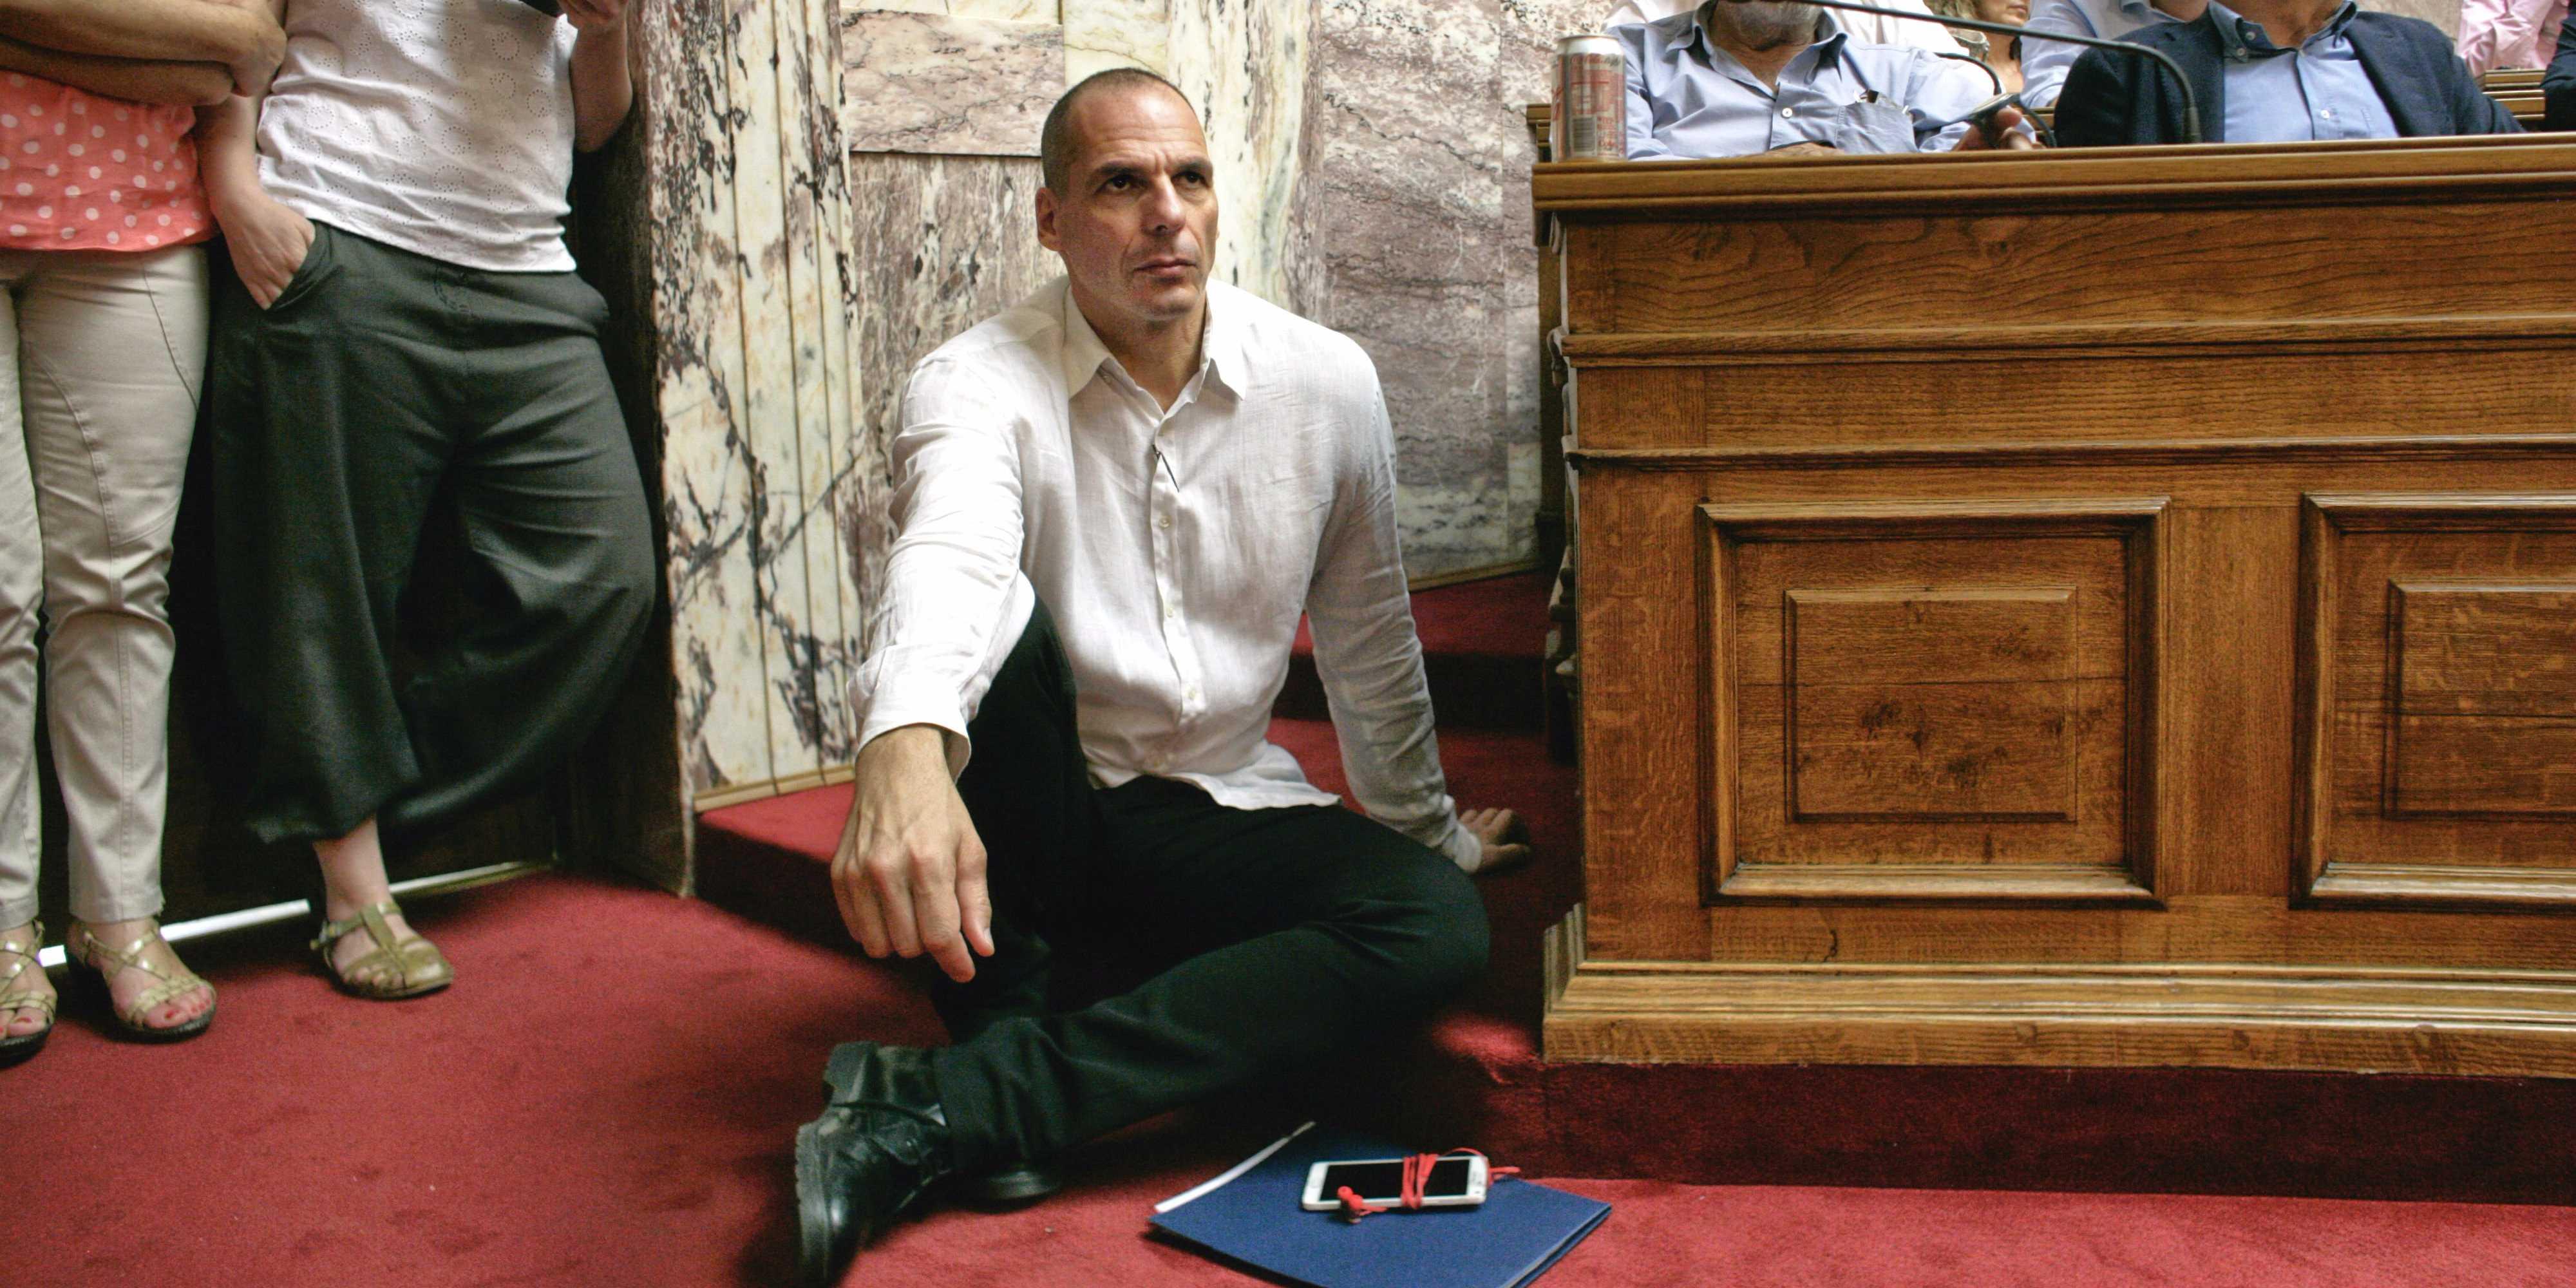 Παραιτήθηκε ο Βαρουφάκης μετά από απαίτηση των «θεσμών»